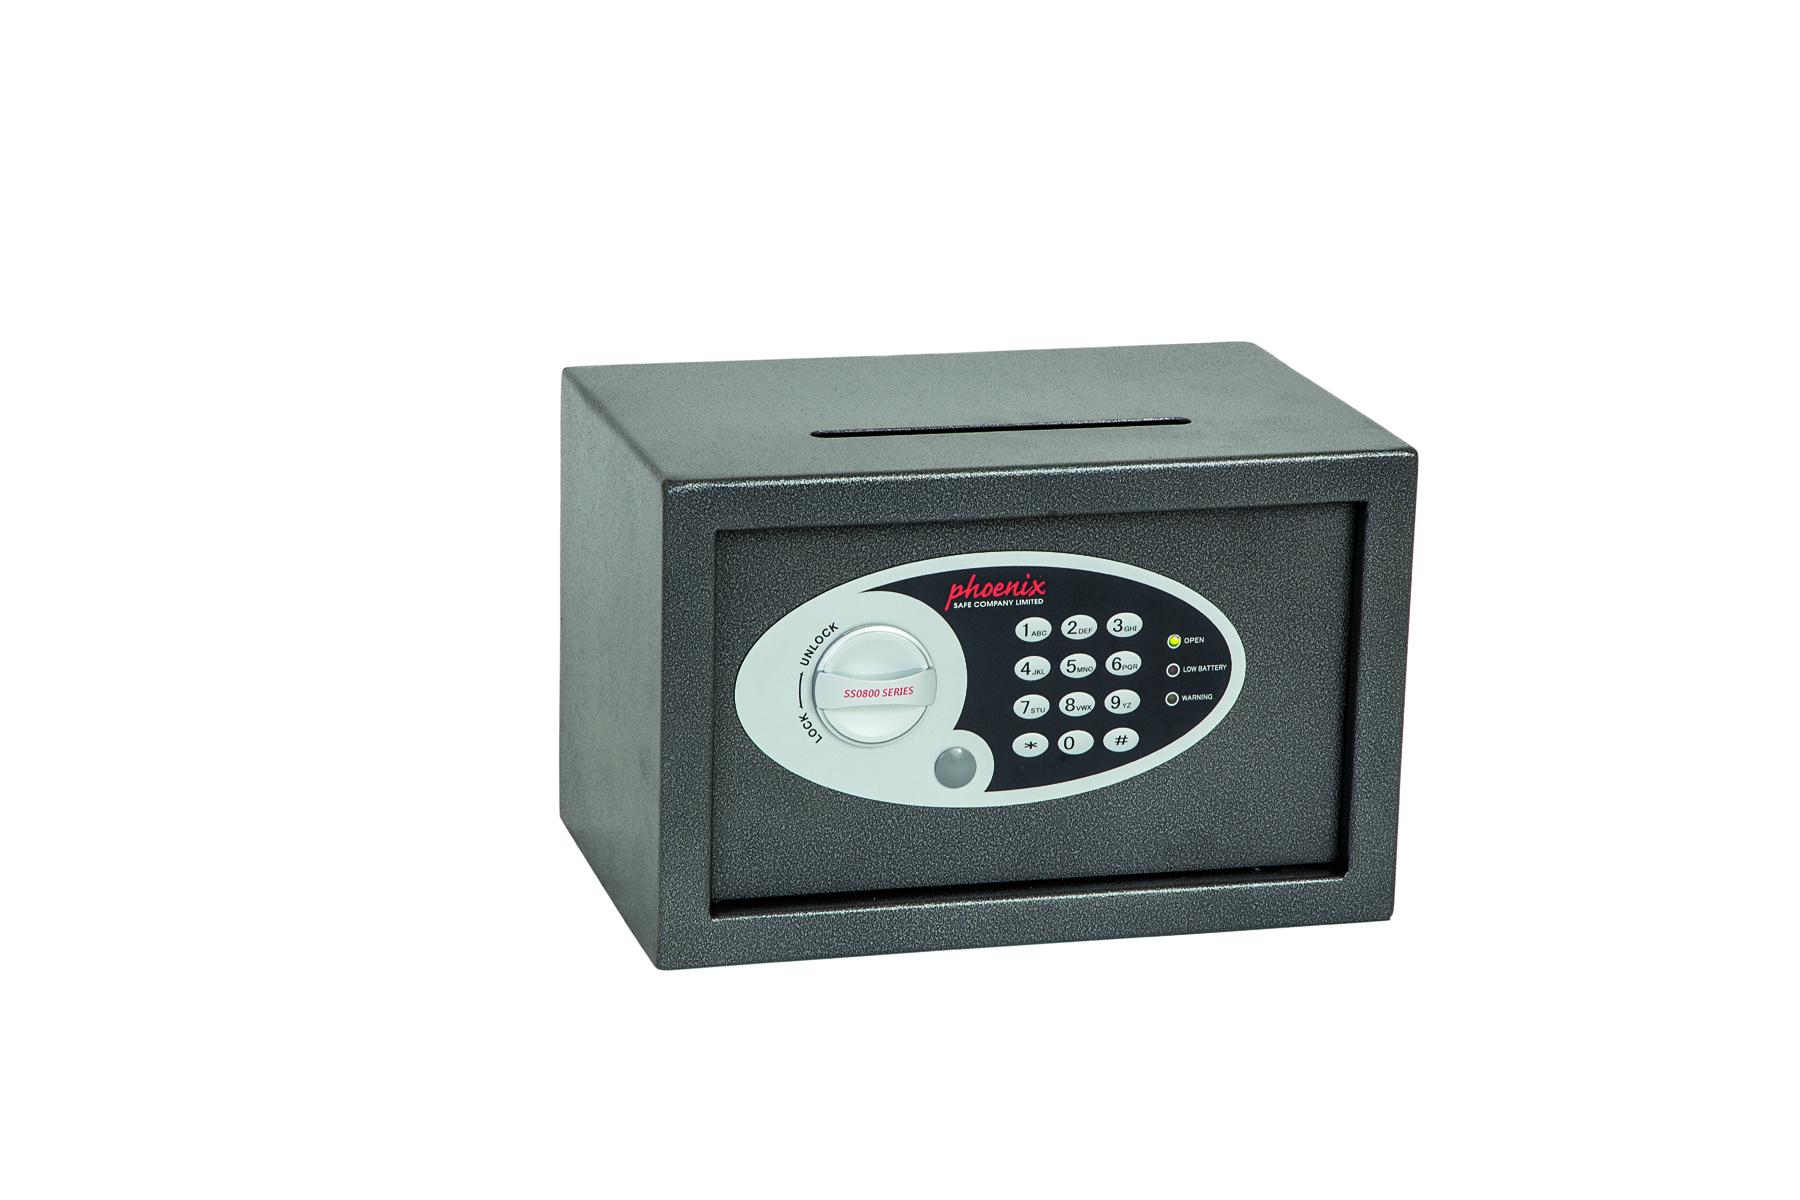 Safes Phoenix Vela dposit Home & Office sz 1 Safe Elctrnic Lock